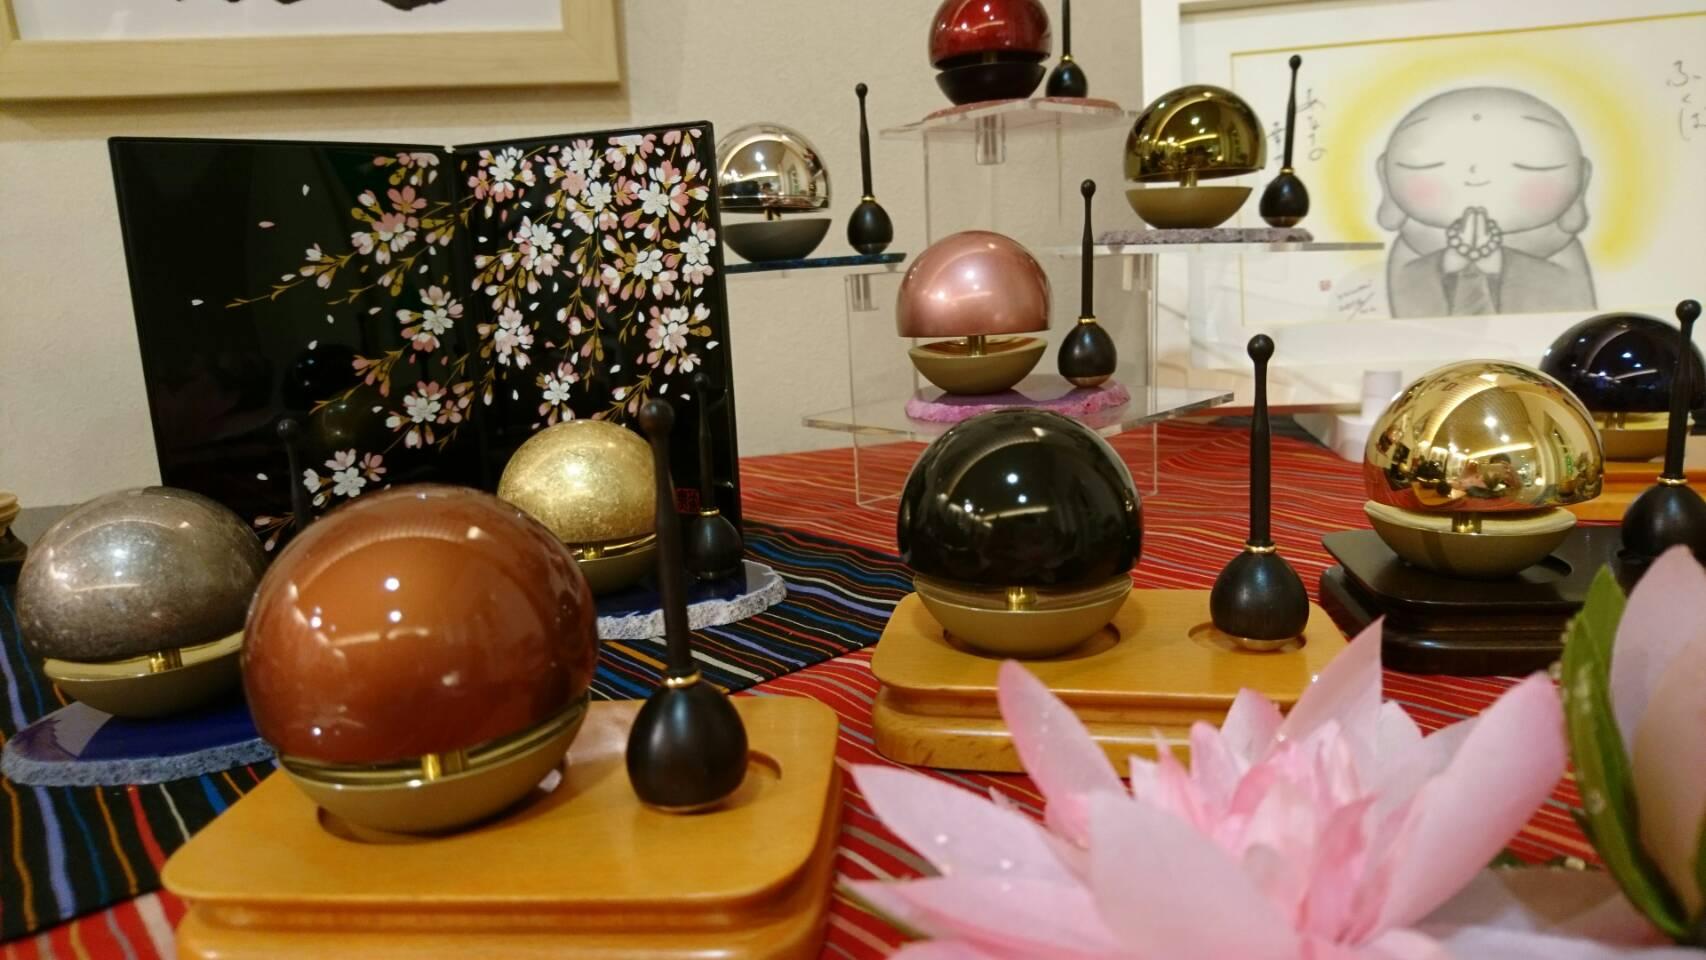 ふくば 福島 仏壇 写真ギャラリー画像5